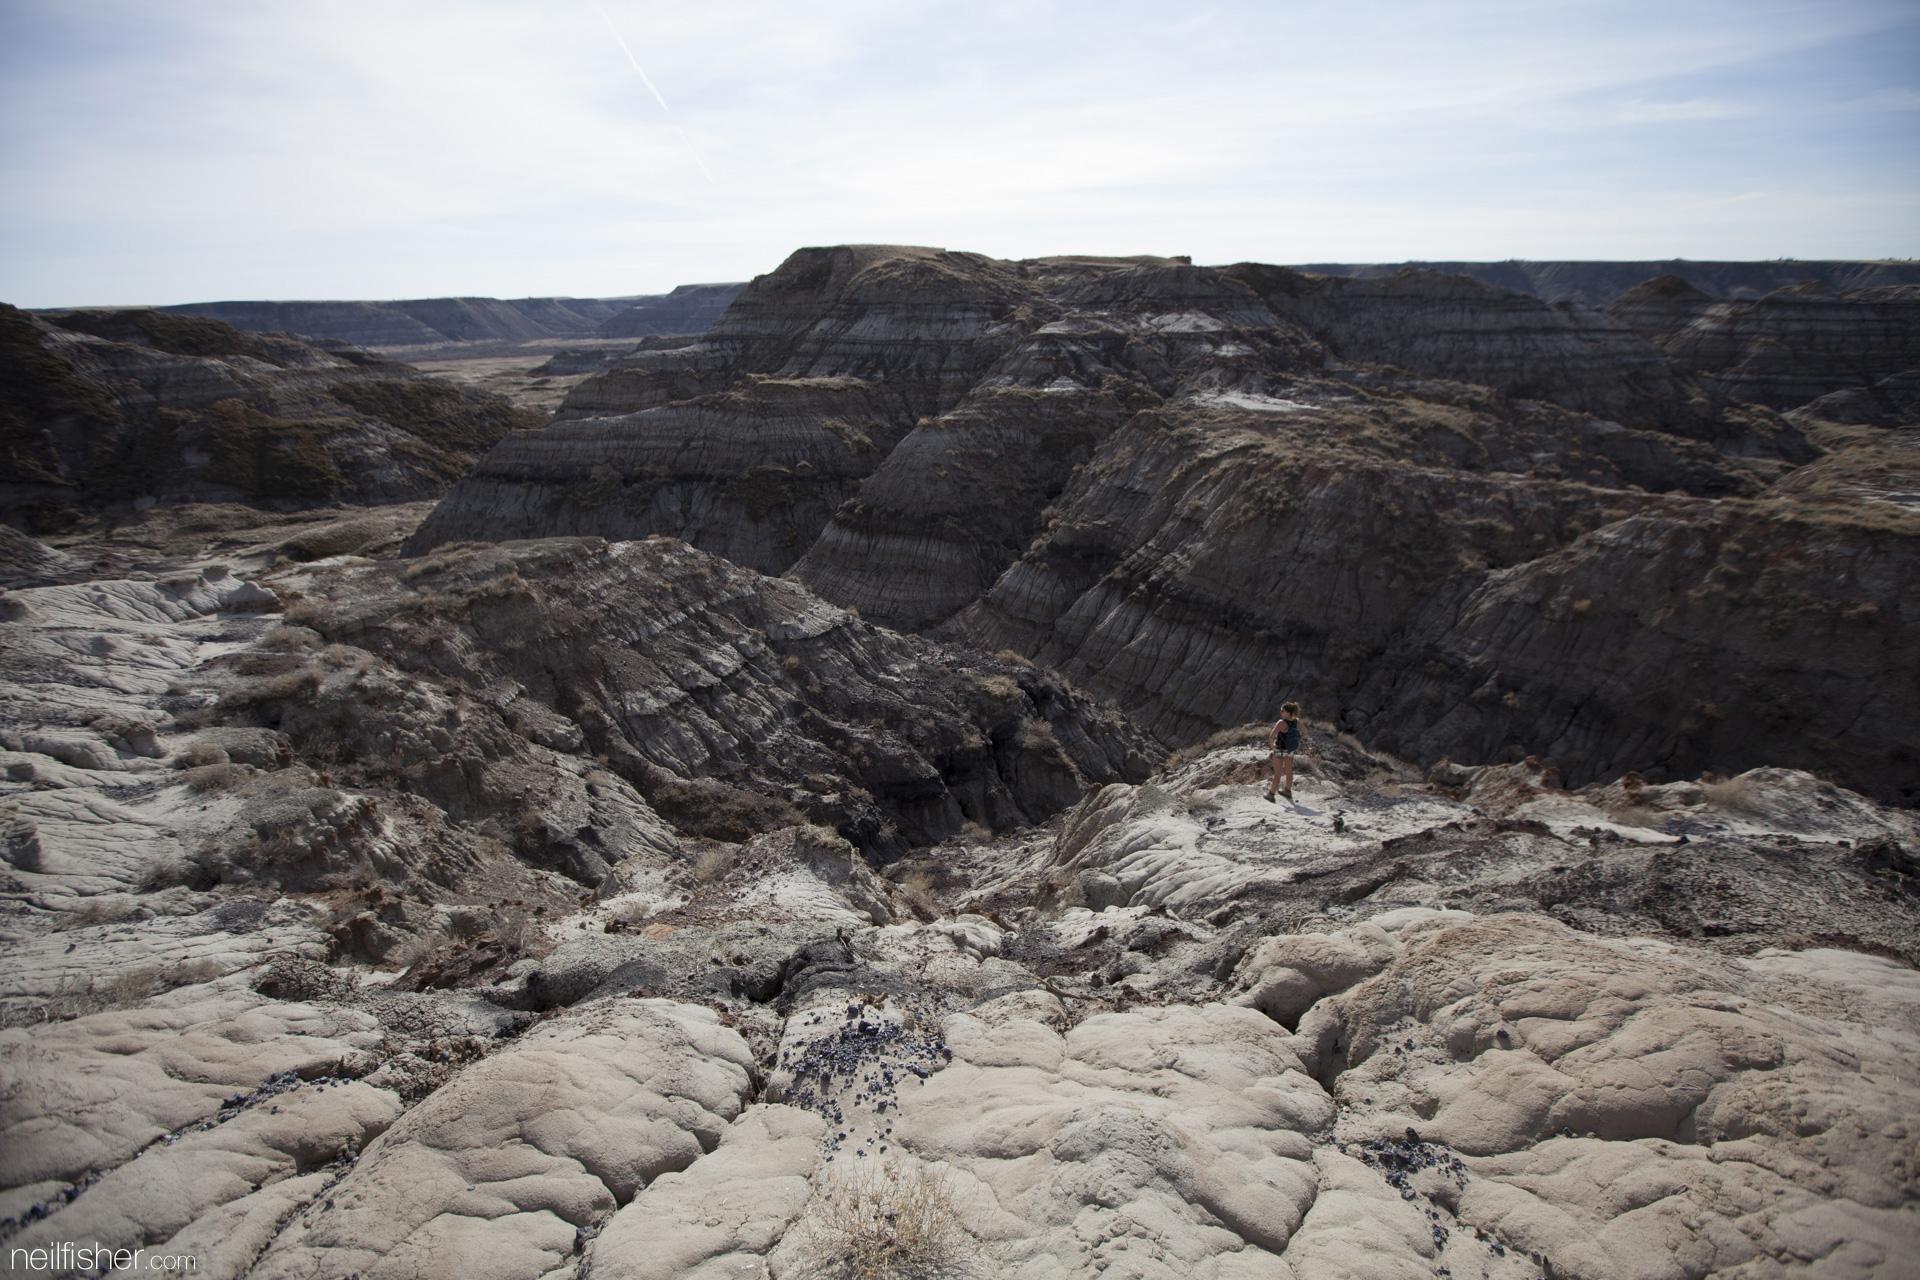 20140430 - Horsethief Canyon 3 - NeilFisher.jpg